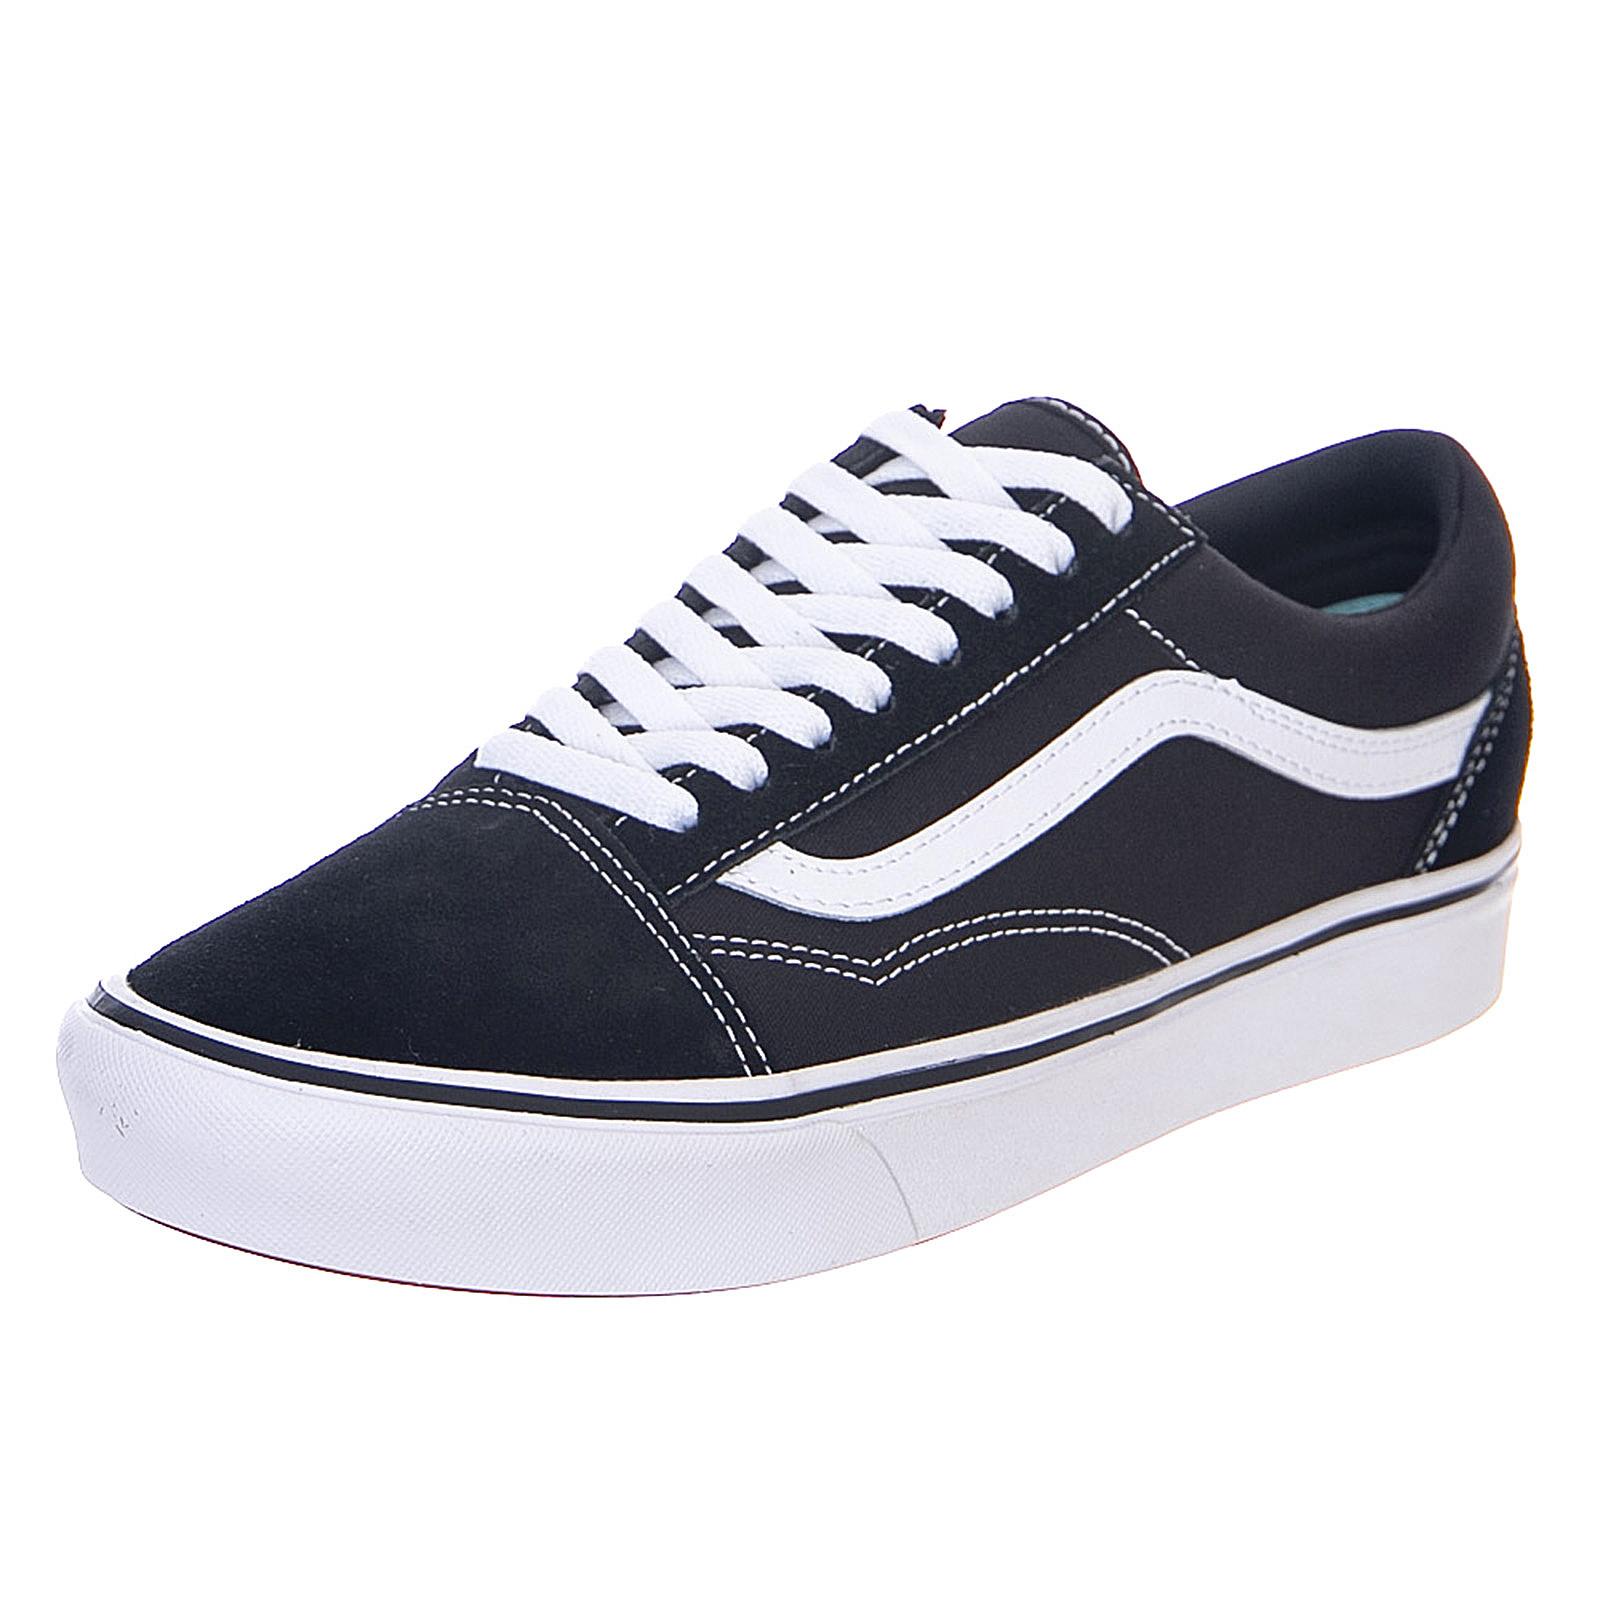 Détails sur Vans Comfy Cush Old Skool - Black/True White - Sneakers  Stringate Uomo Nero